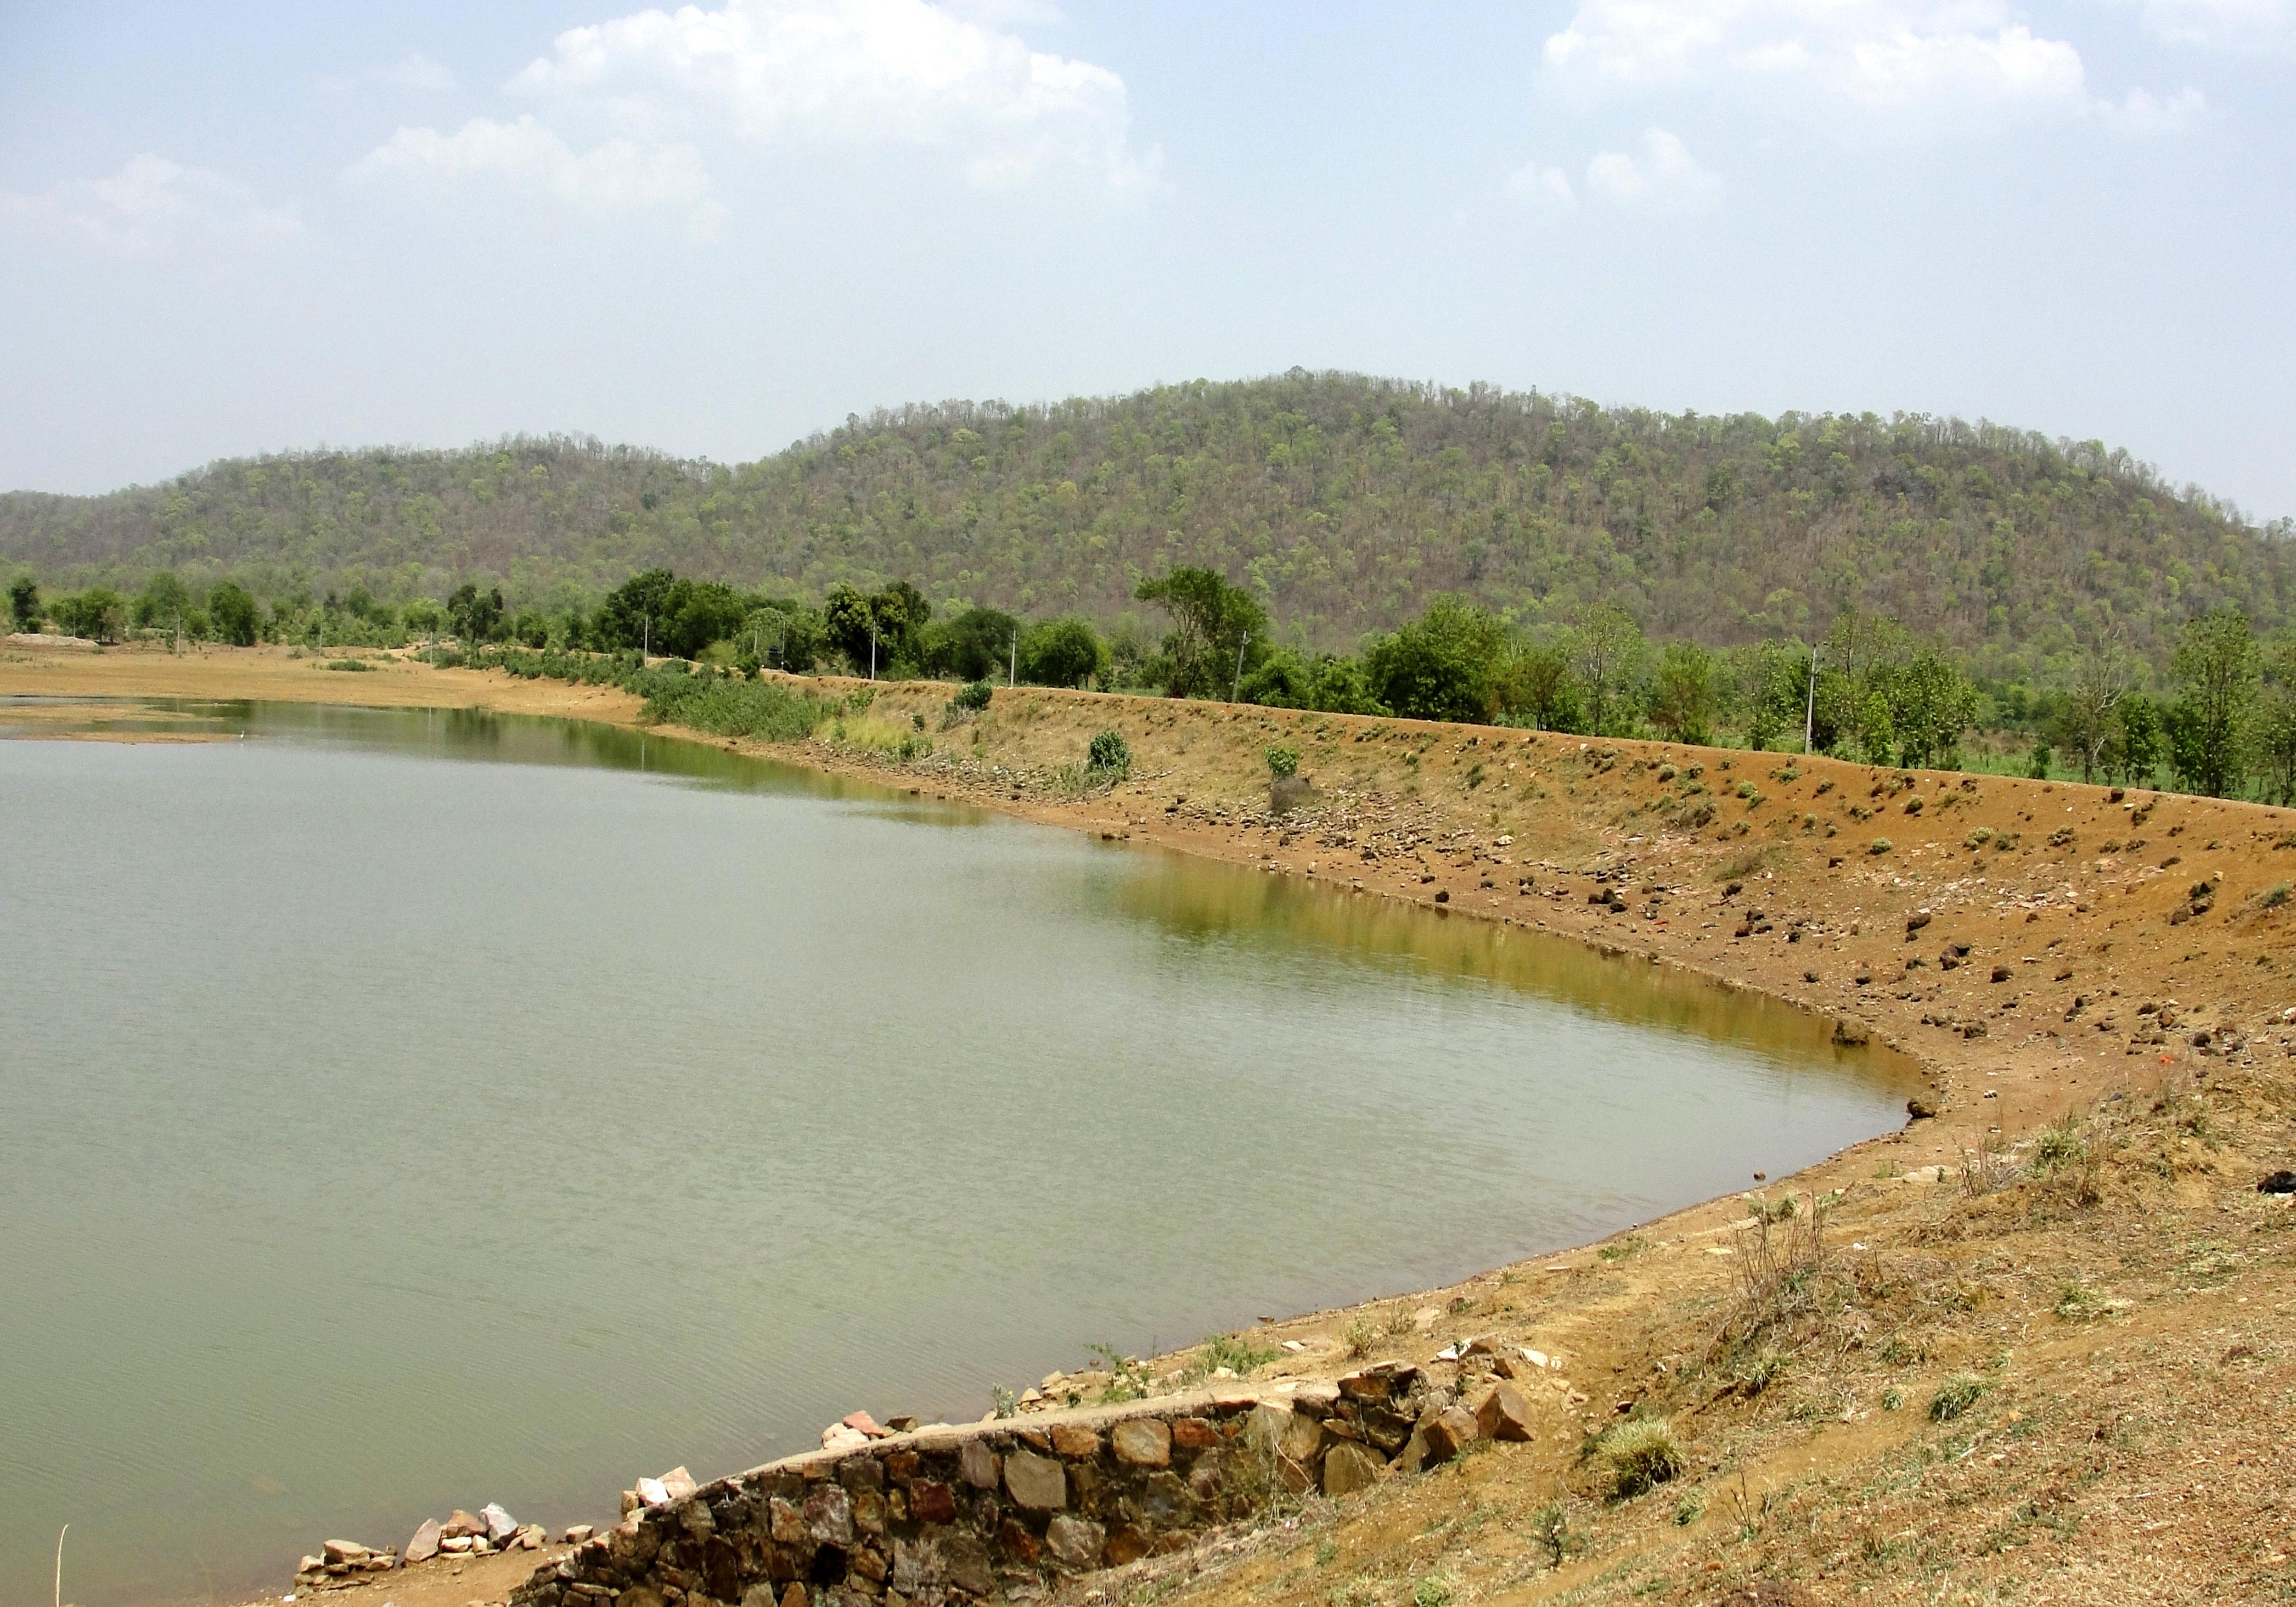 परंपरागत जल संग्रहण प्रणाली